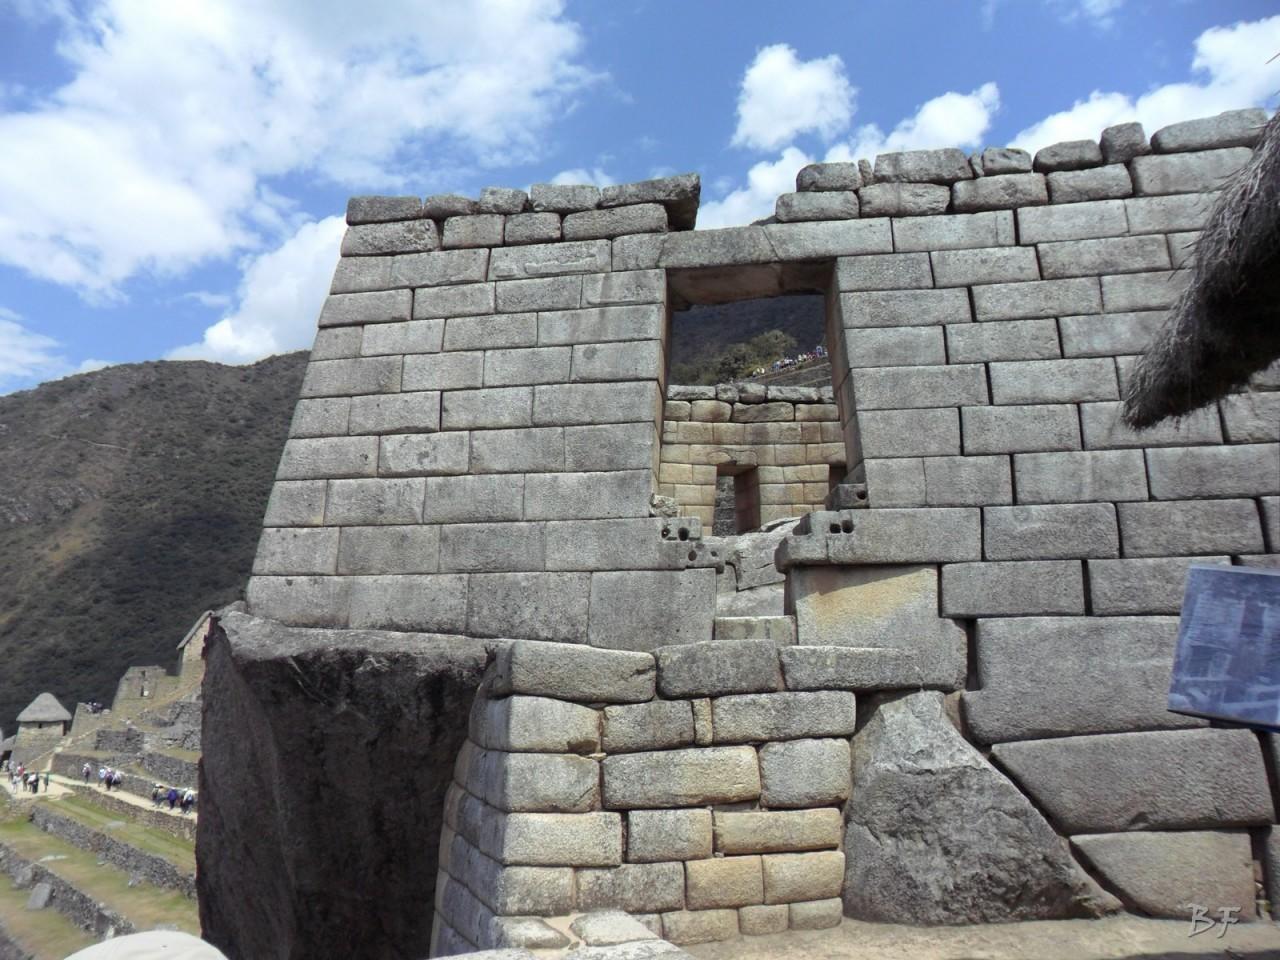 Mura-Poligonali-Incisioni-Altari-Edifici-Rupestri-Megaliti-Machu-Picchu-Aguas-Calientes-Urubamba-Cusco-Perù-150